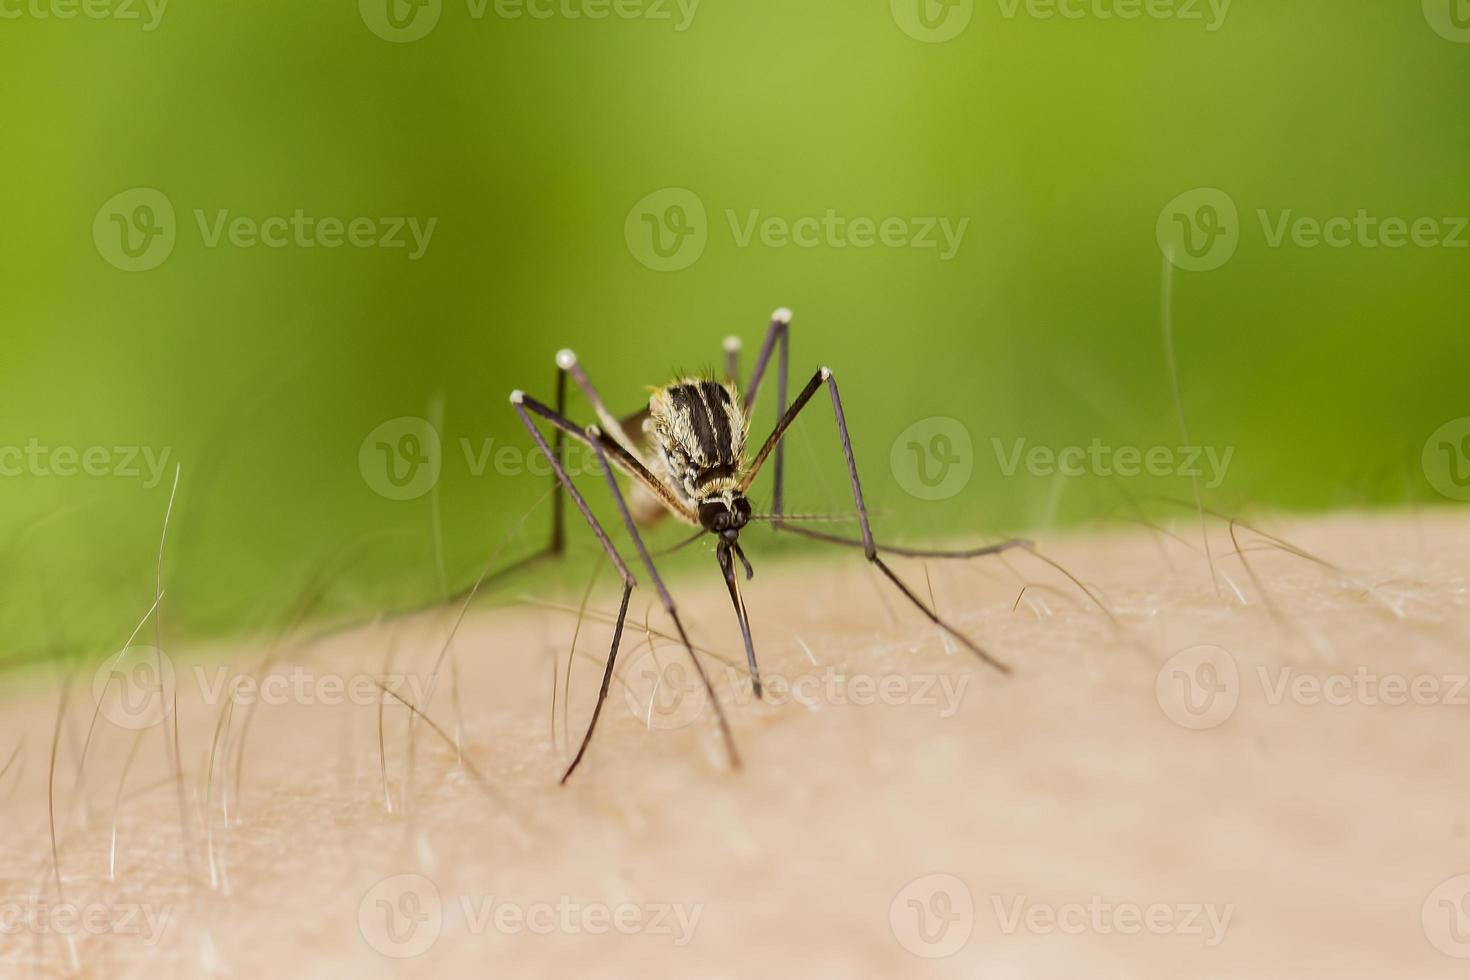 mosquito tigre de turno foto